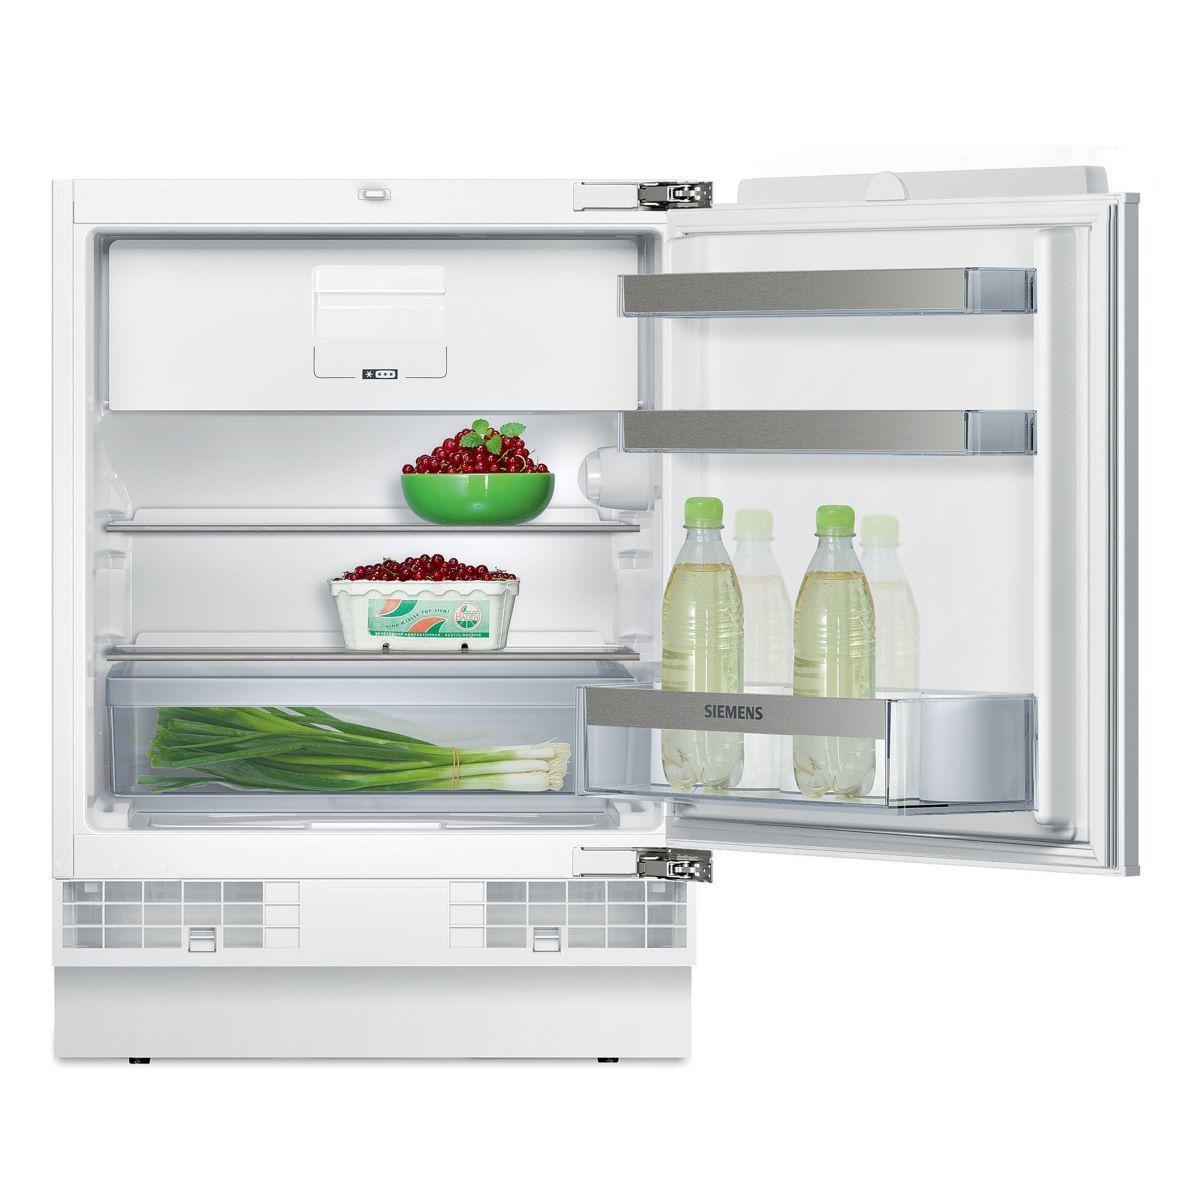 Réfrigérateur encastrable siemens ku15la65 - 2% de remise immédiate avec le code : cool2 (photo)